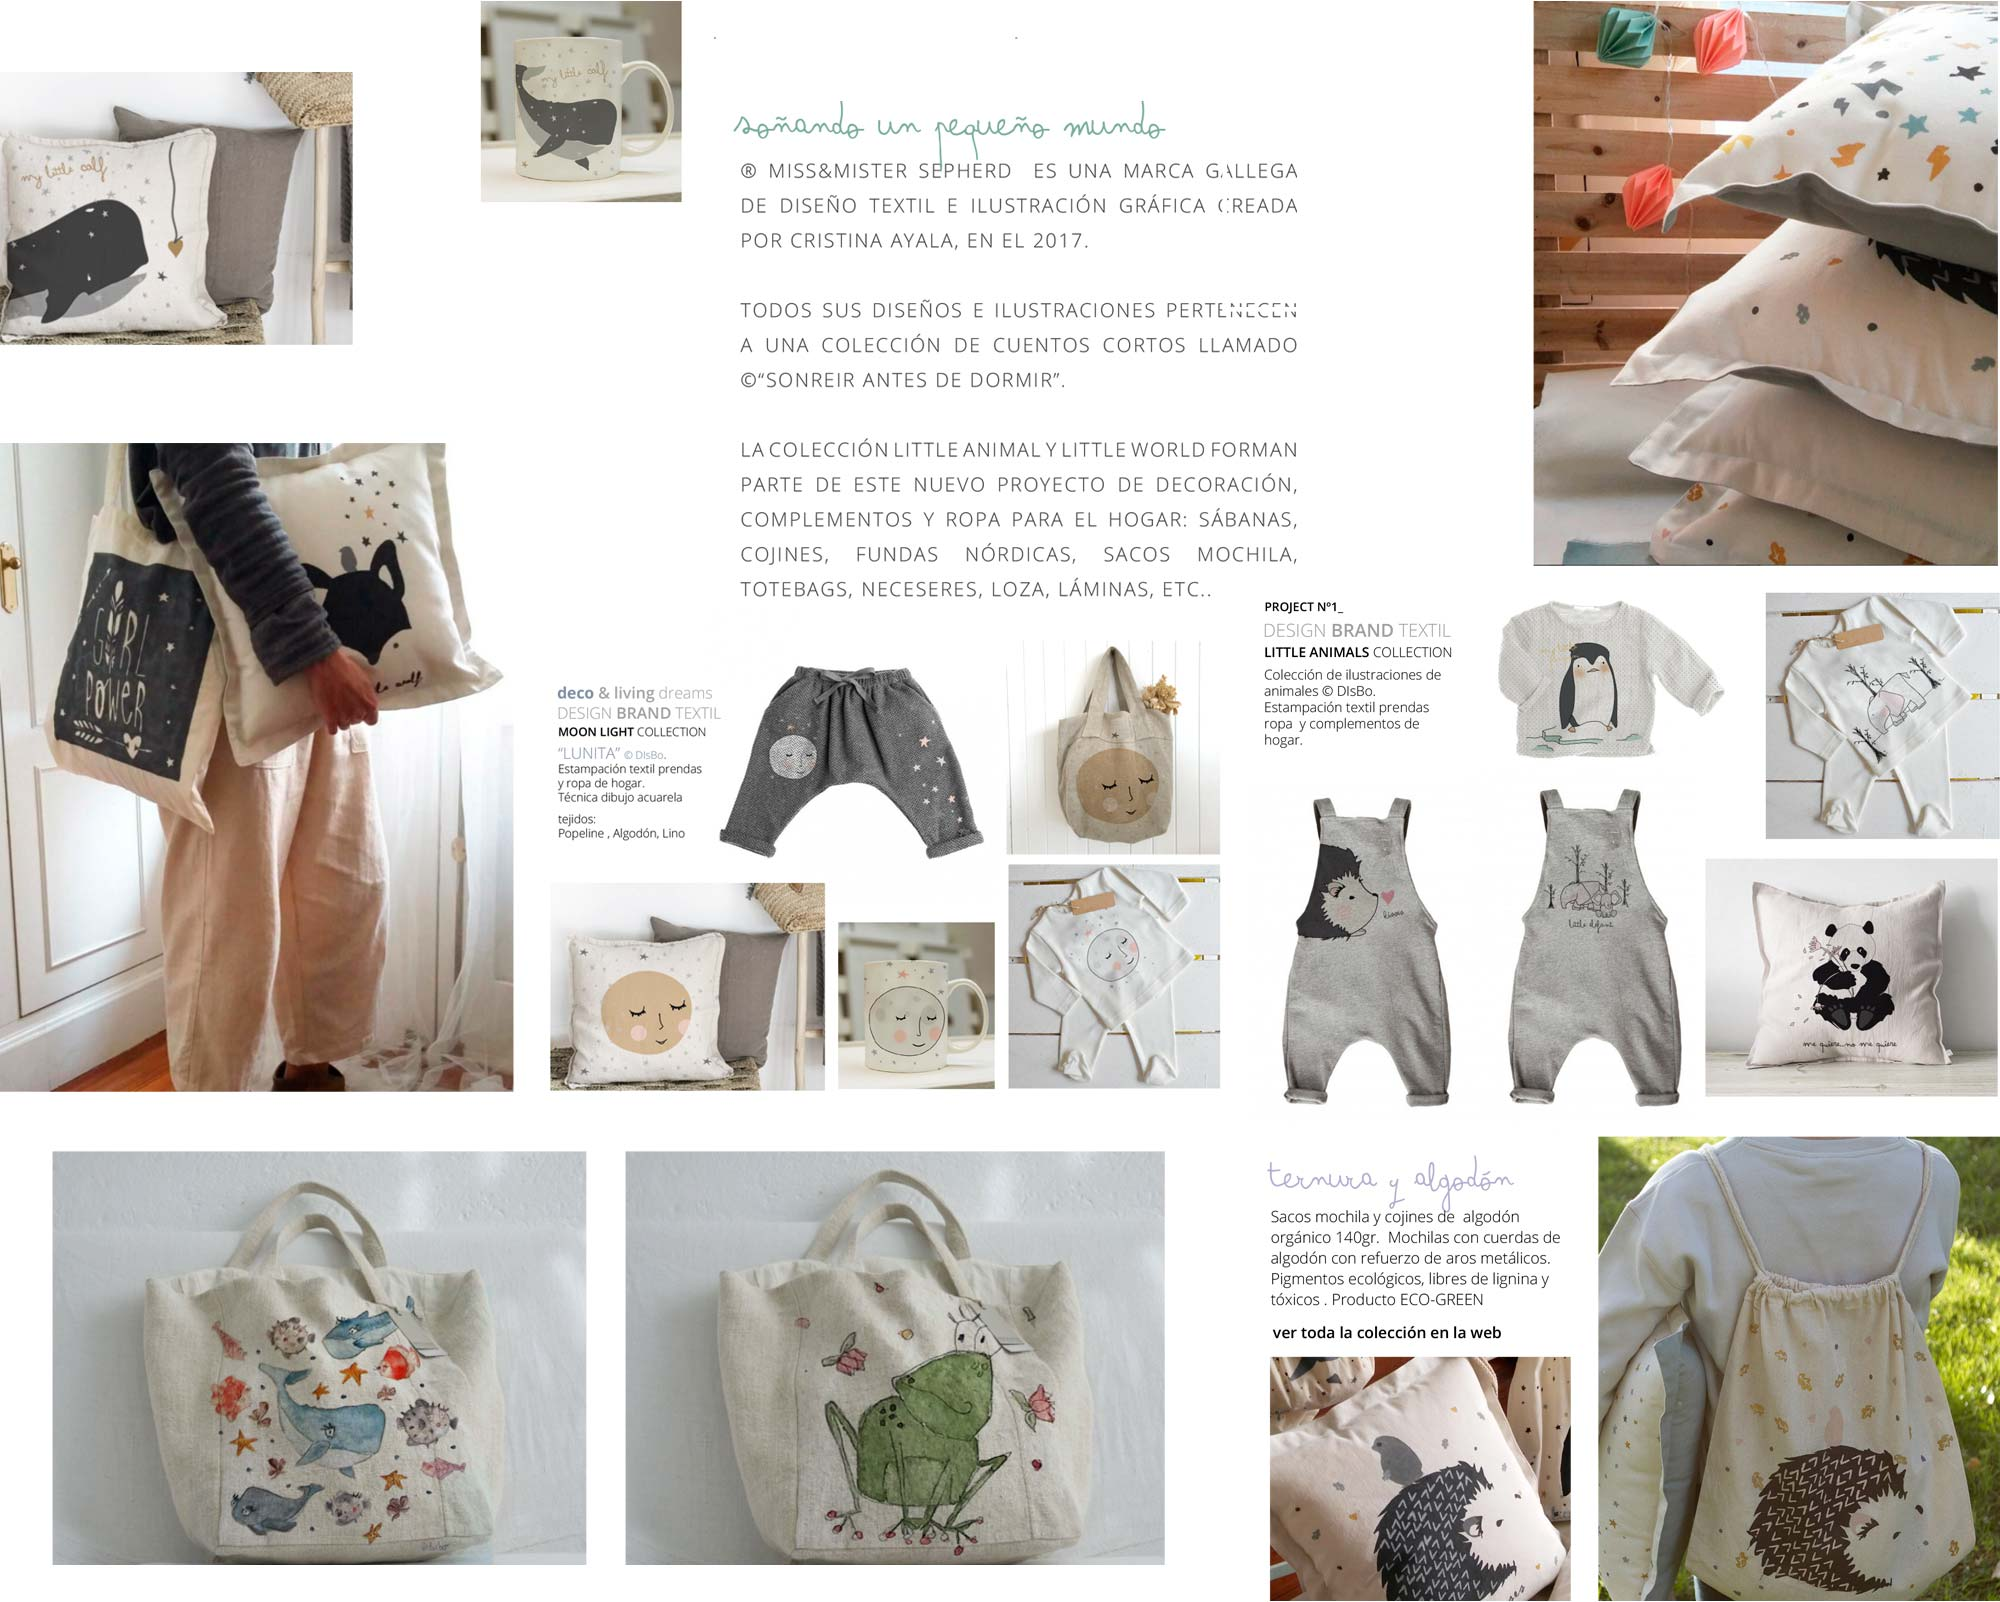 sepherd lids- Cristina Ayala